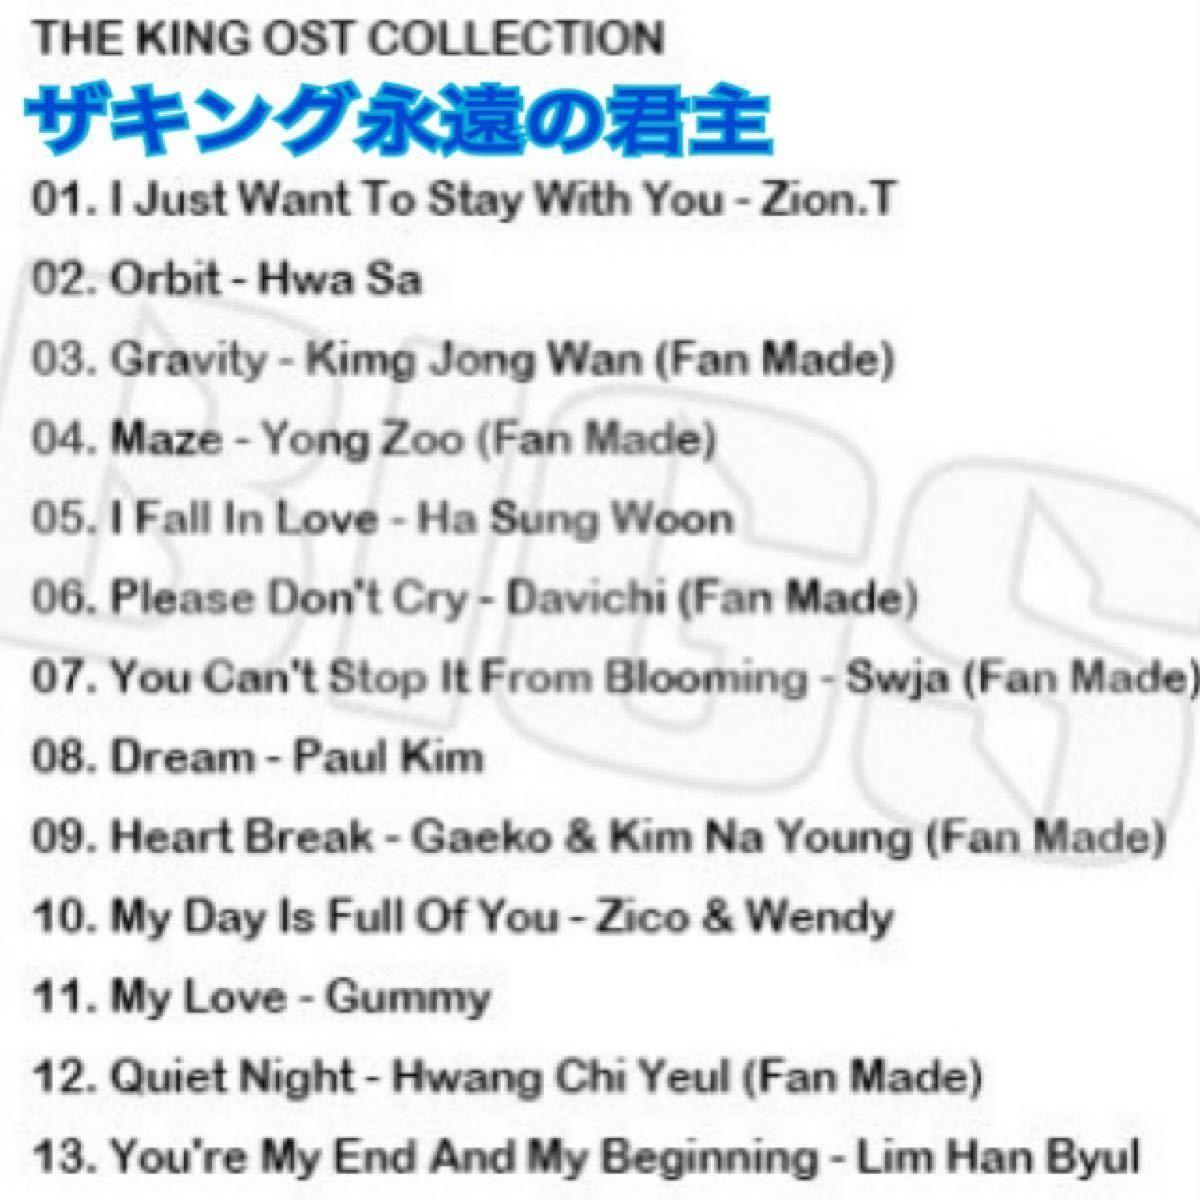 韓国ドラマ OST COLLECTION DVDセット   【愛の不時着】【サイコだけど大丈夫】     【ザキング永遠の君主】